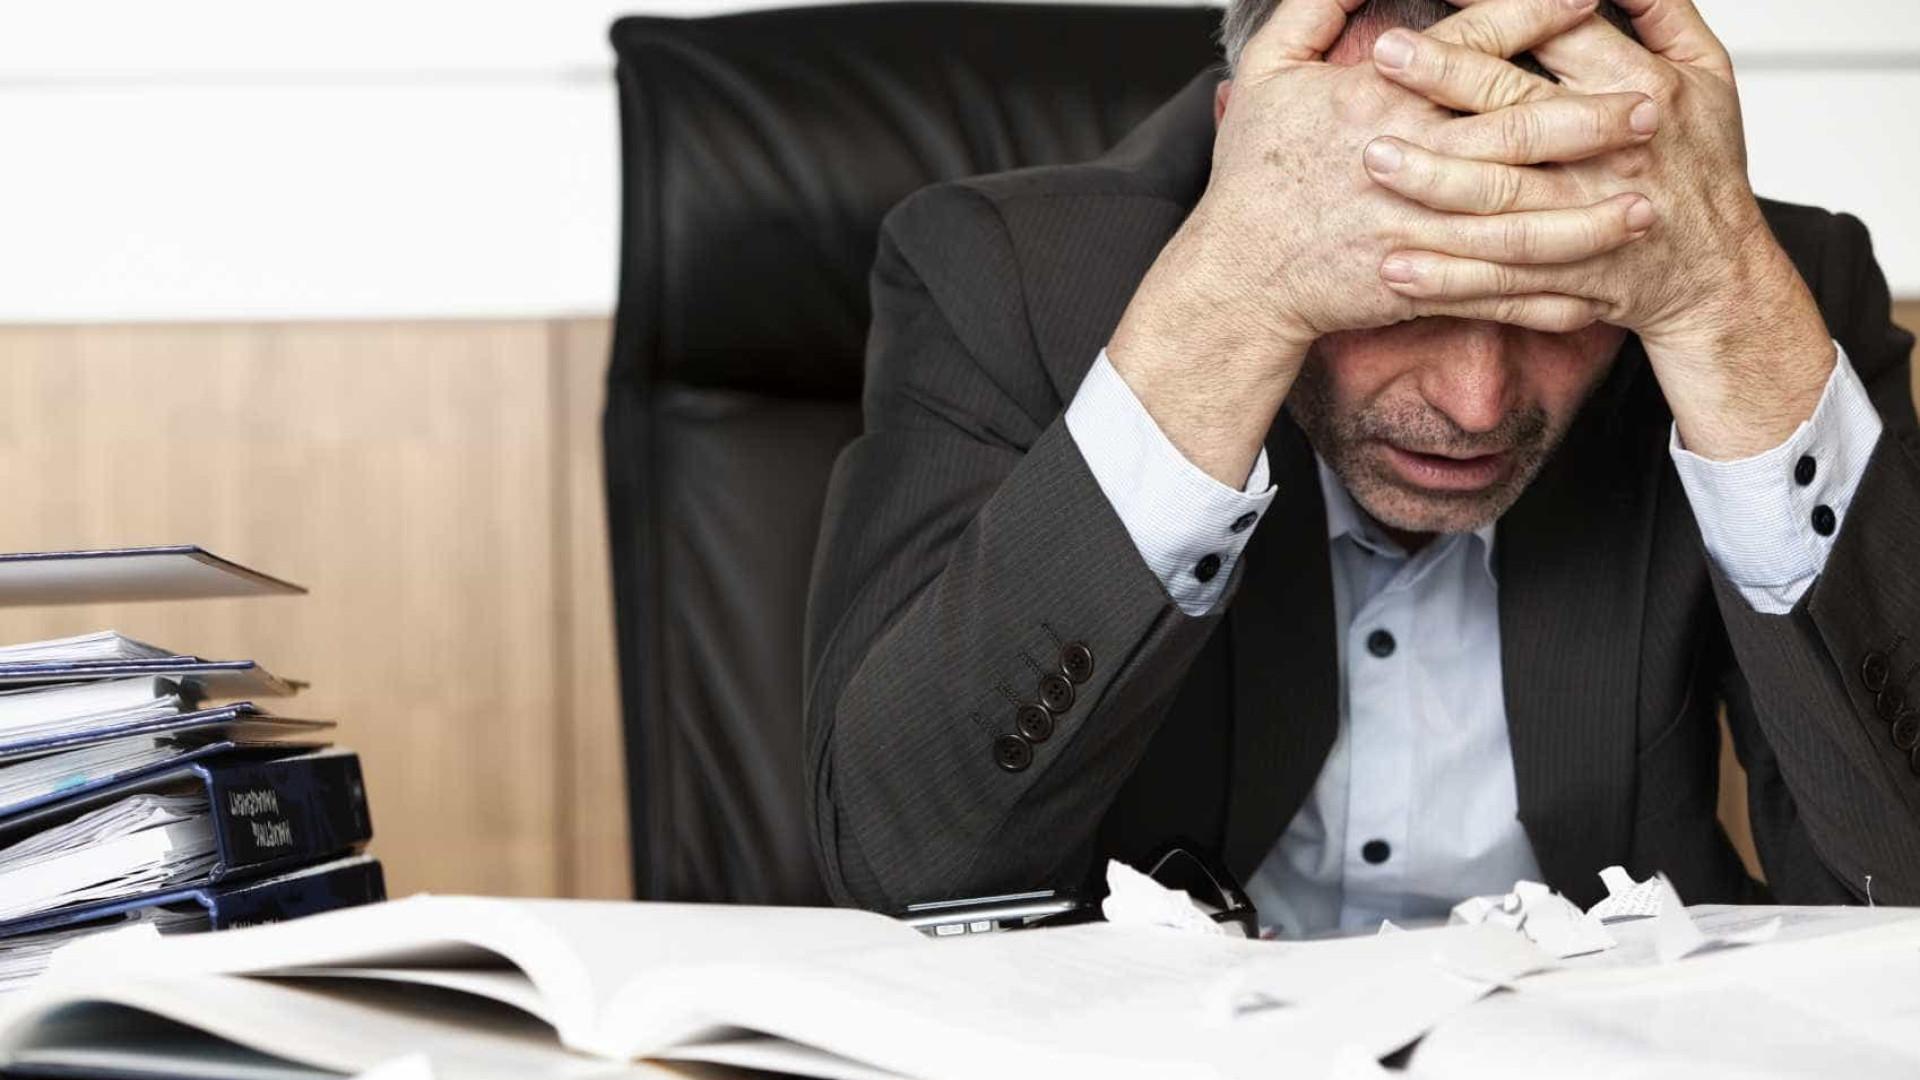 Conheça sintomas físicos e psicológicos do estresse